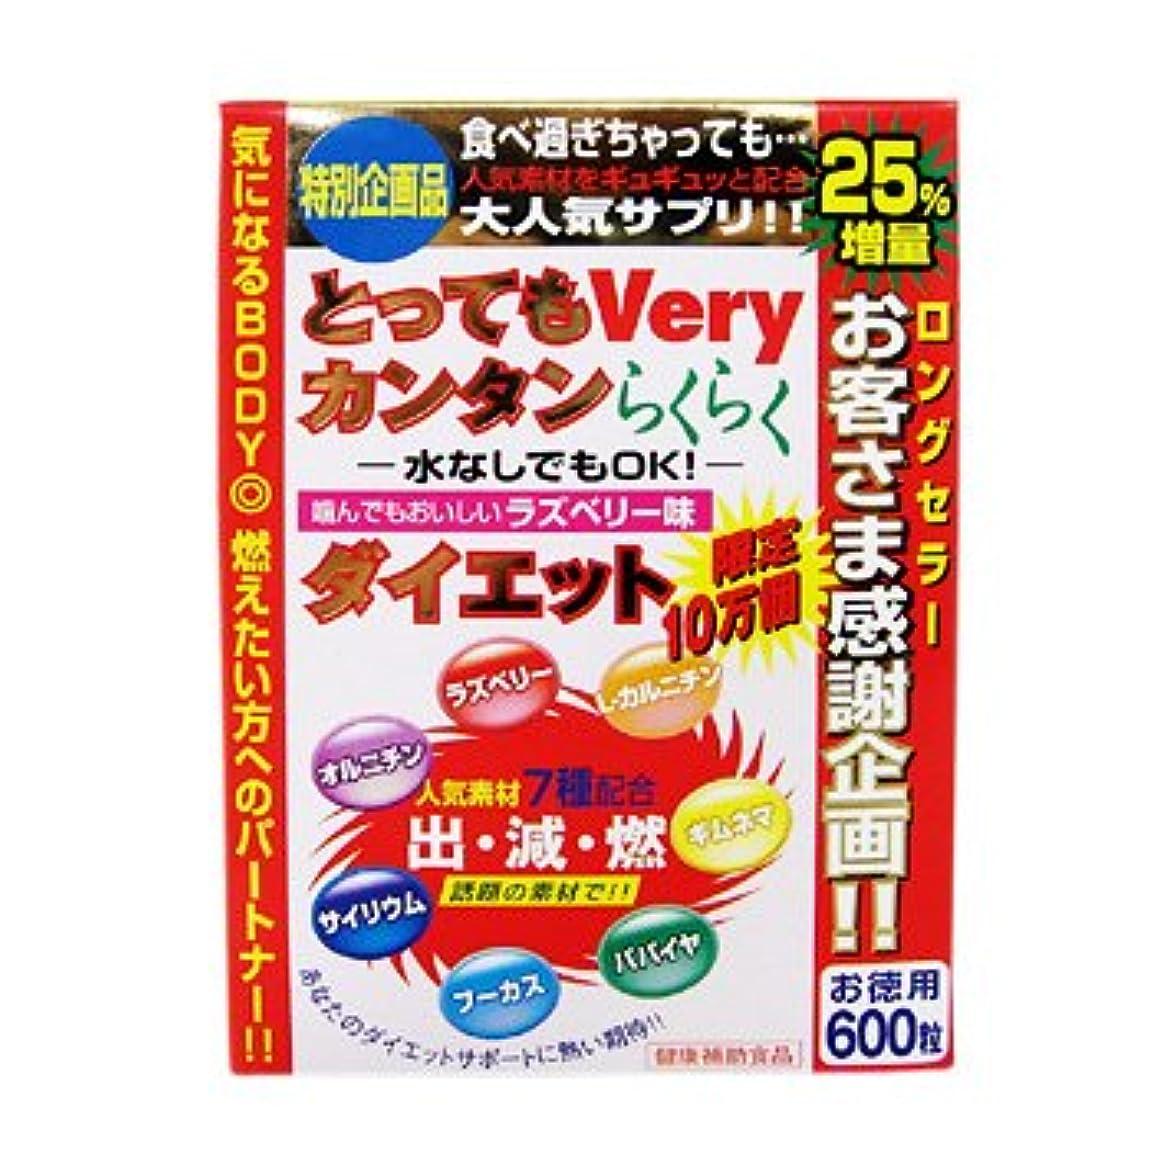 チラチラする例示するバインドジャパンギャルズSC とってもVery カンタンらくらくダイエット お徳用 600粒 とってもベリー×30個セット